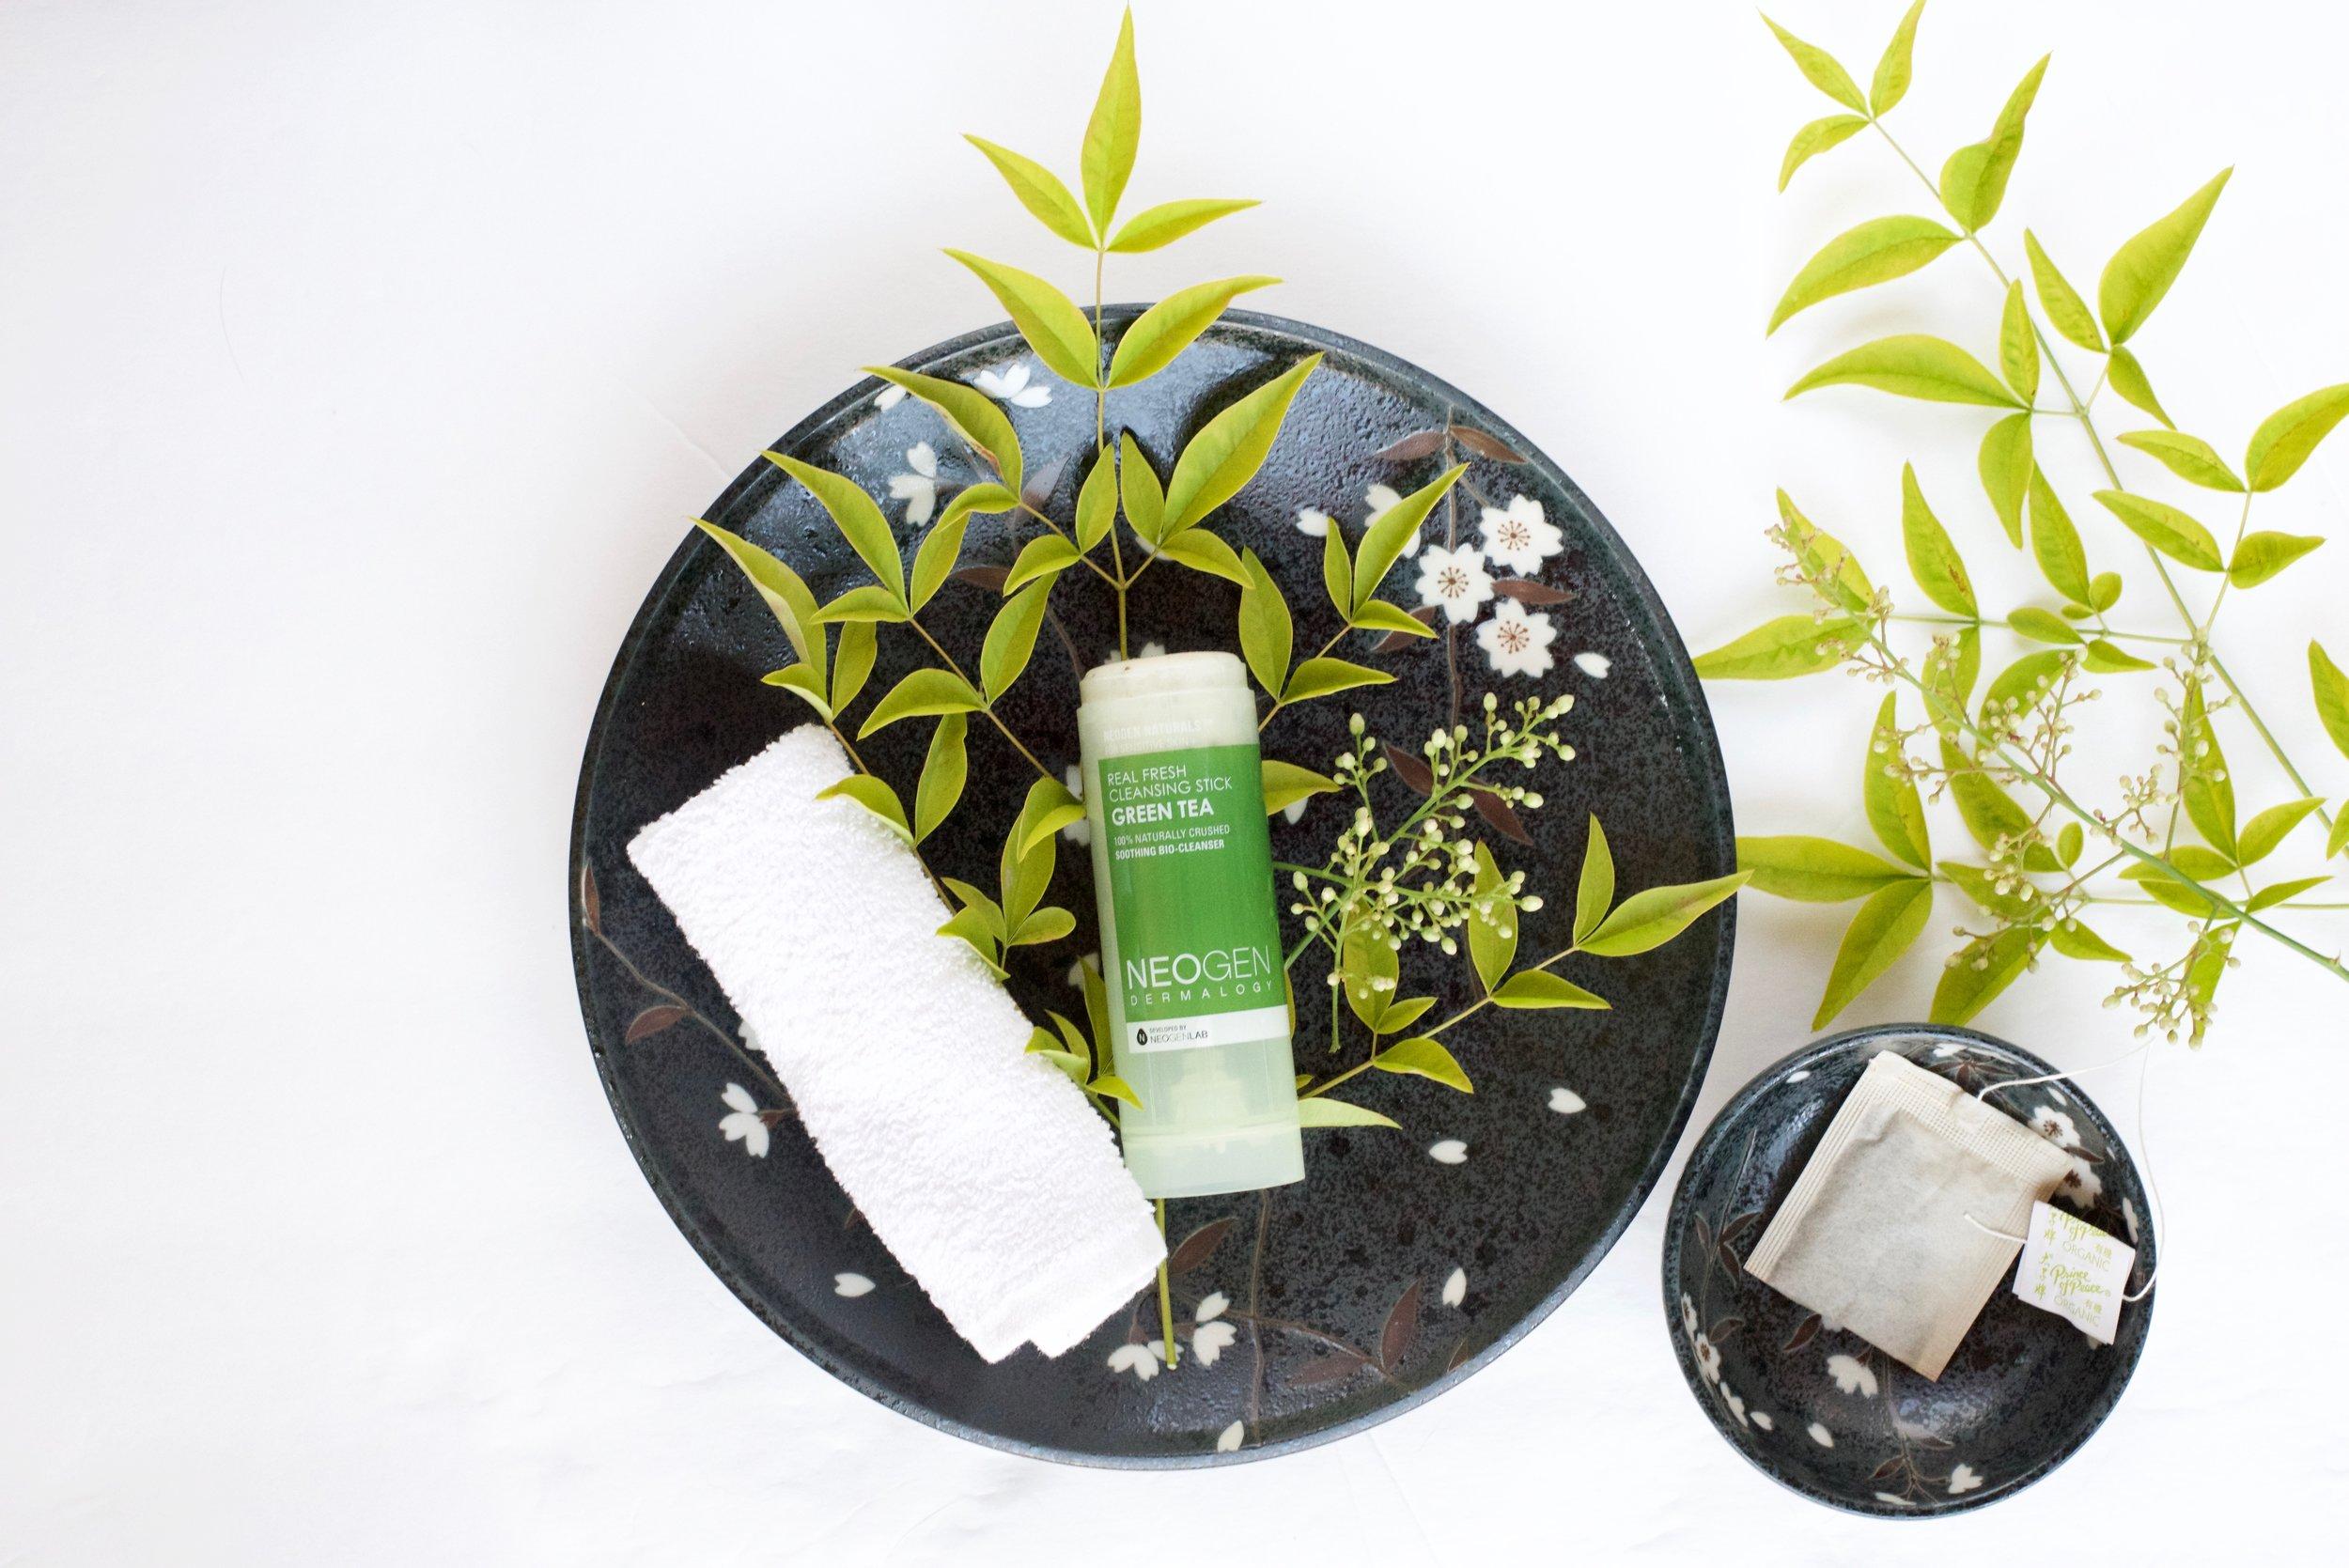 Neogen-Real-Fresh-Cleansing-Stick-Green-Tea_DSC_3644.jpg